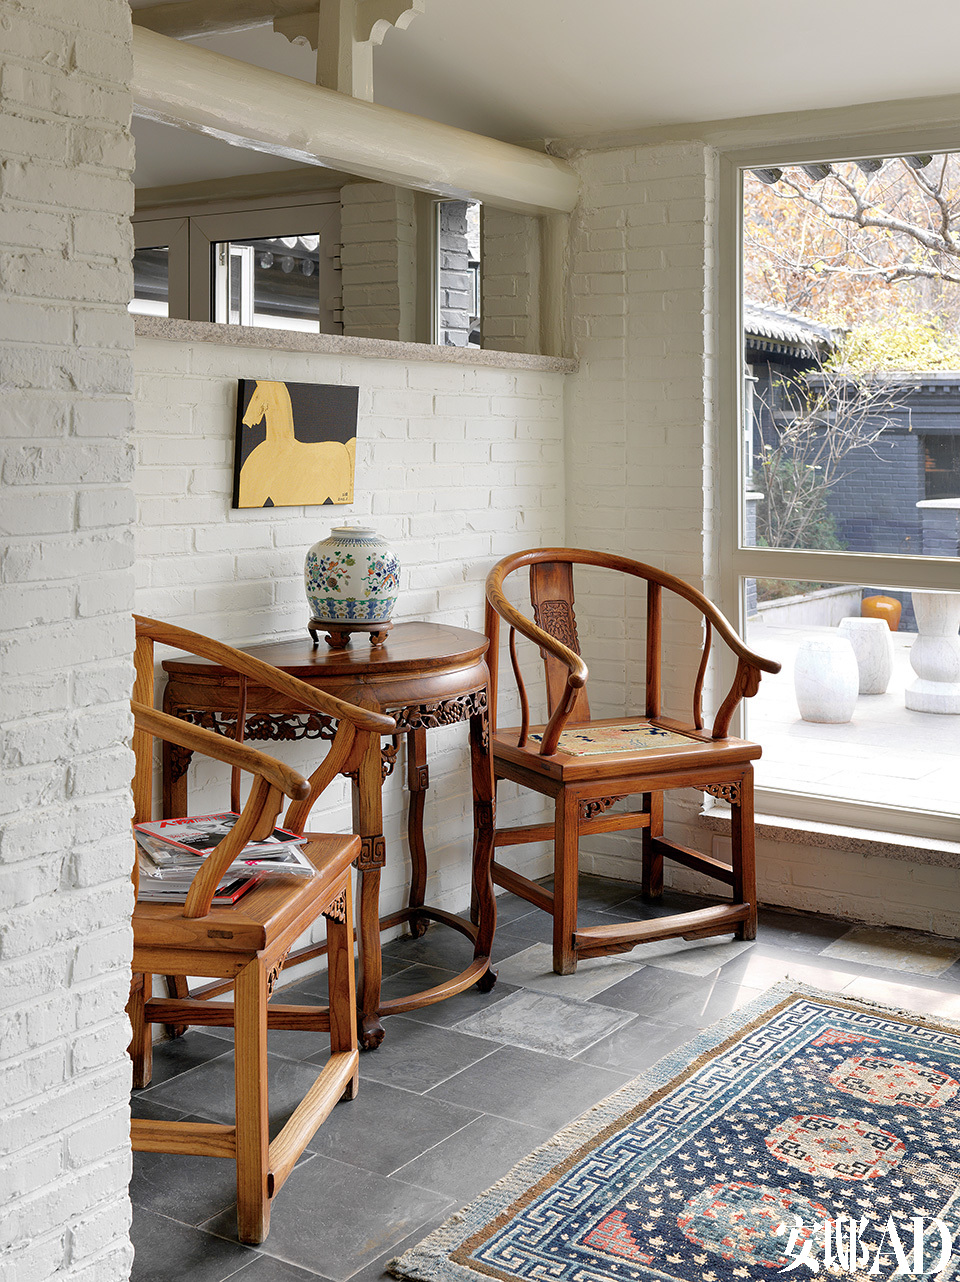 太太唐亮的工作间里,摆着中式桌椅和瓷器,大玻璃窗外就是前院的花园和山野风景。